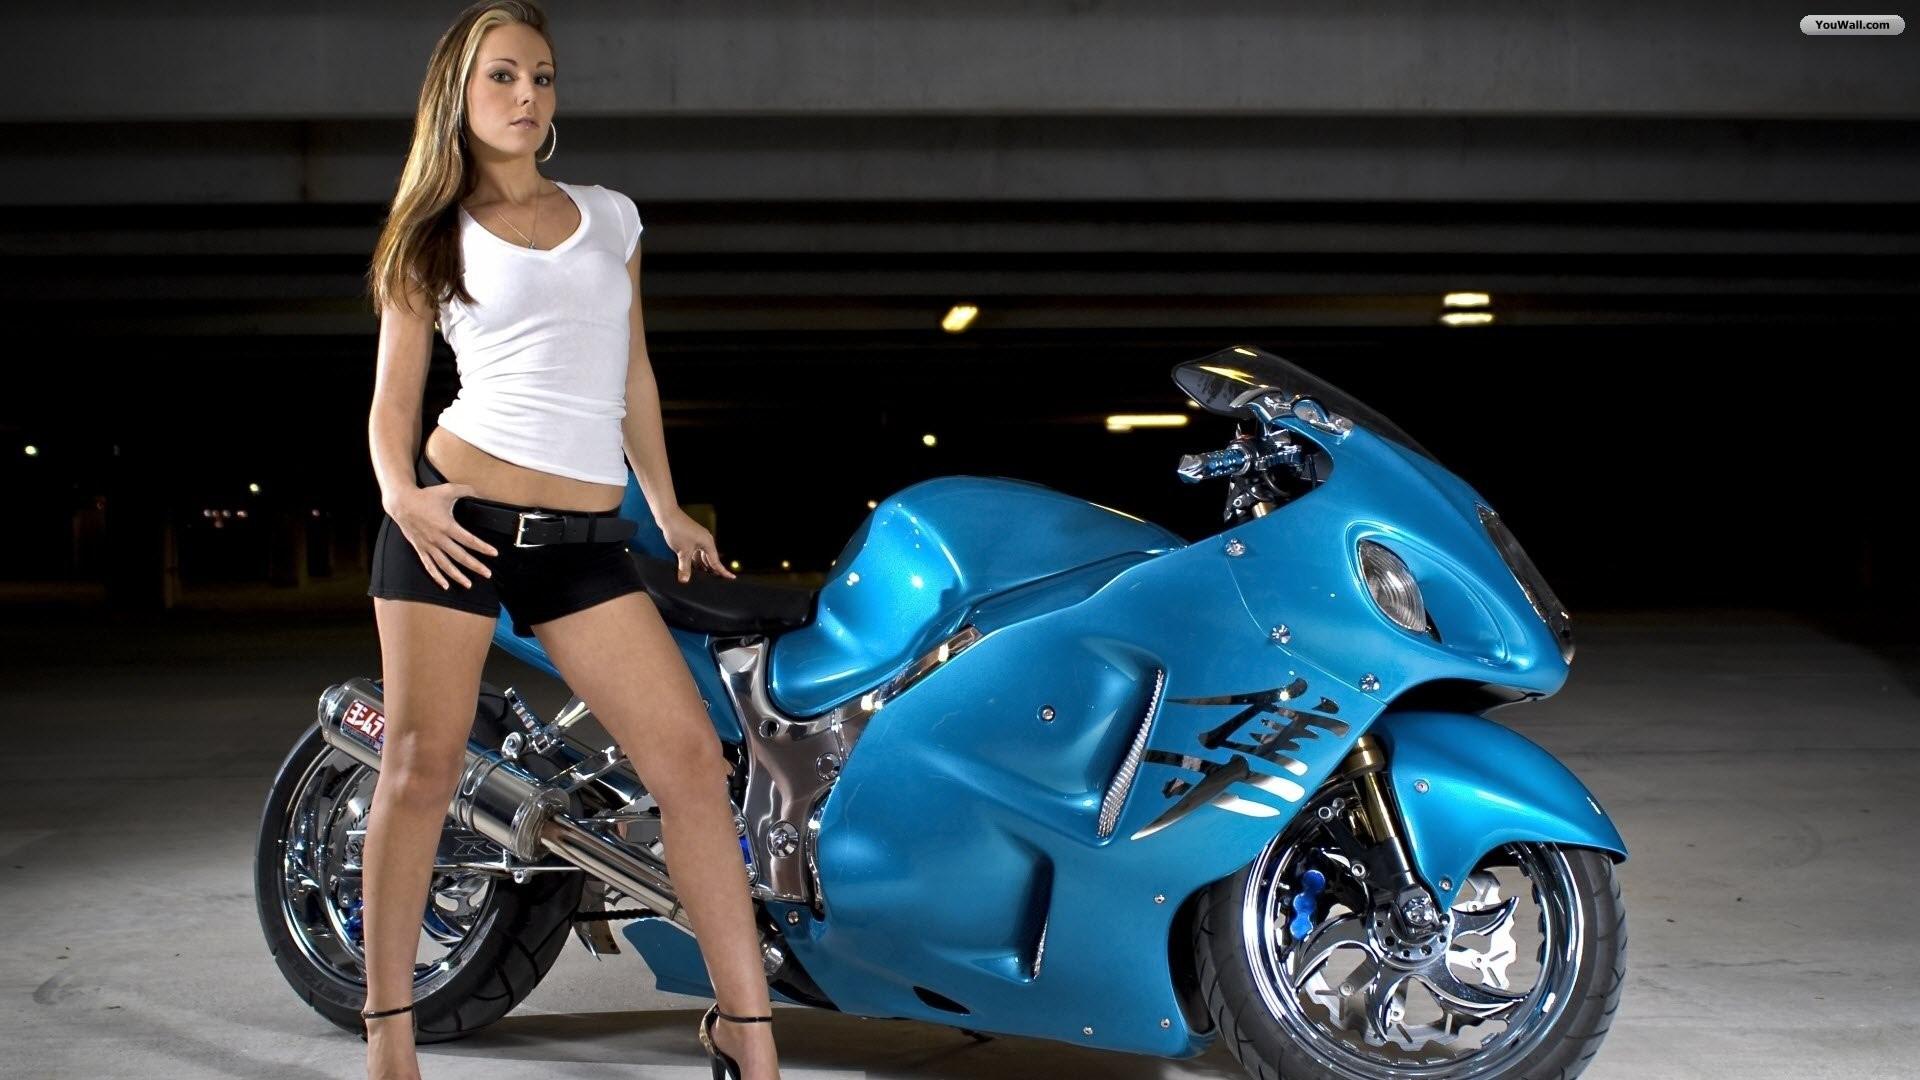 Sexy Girl And Suzuki Gsx Wallpaper Picture